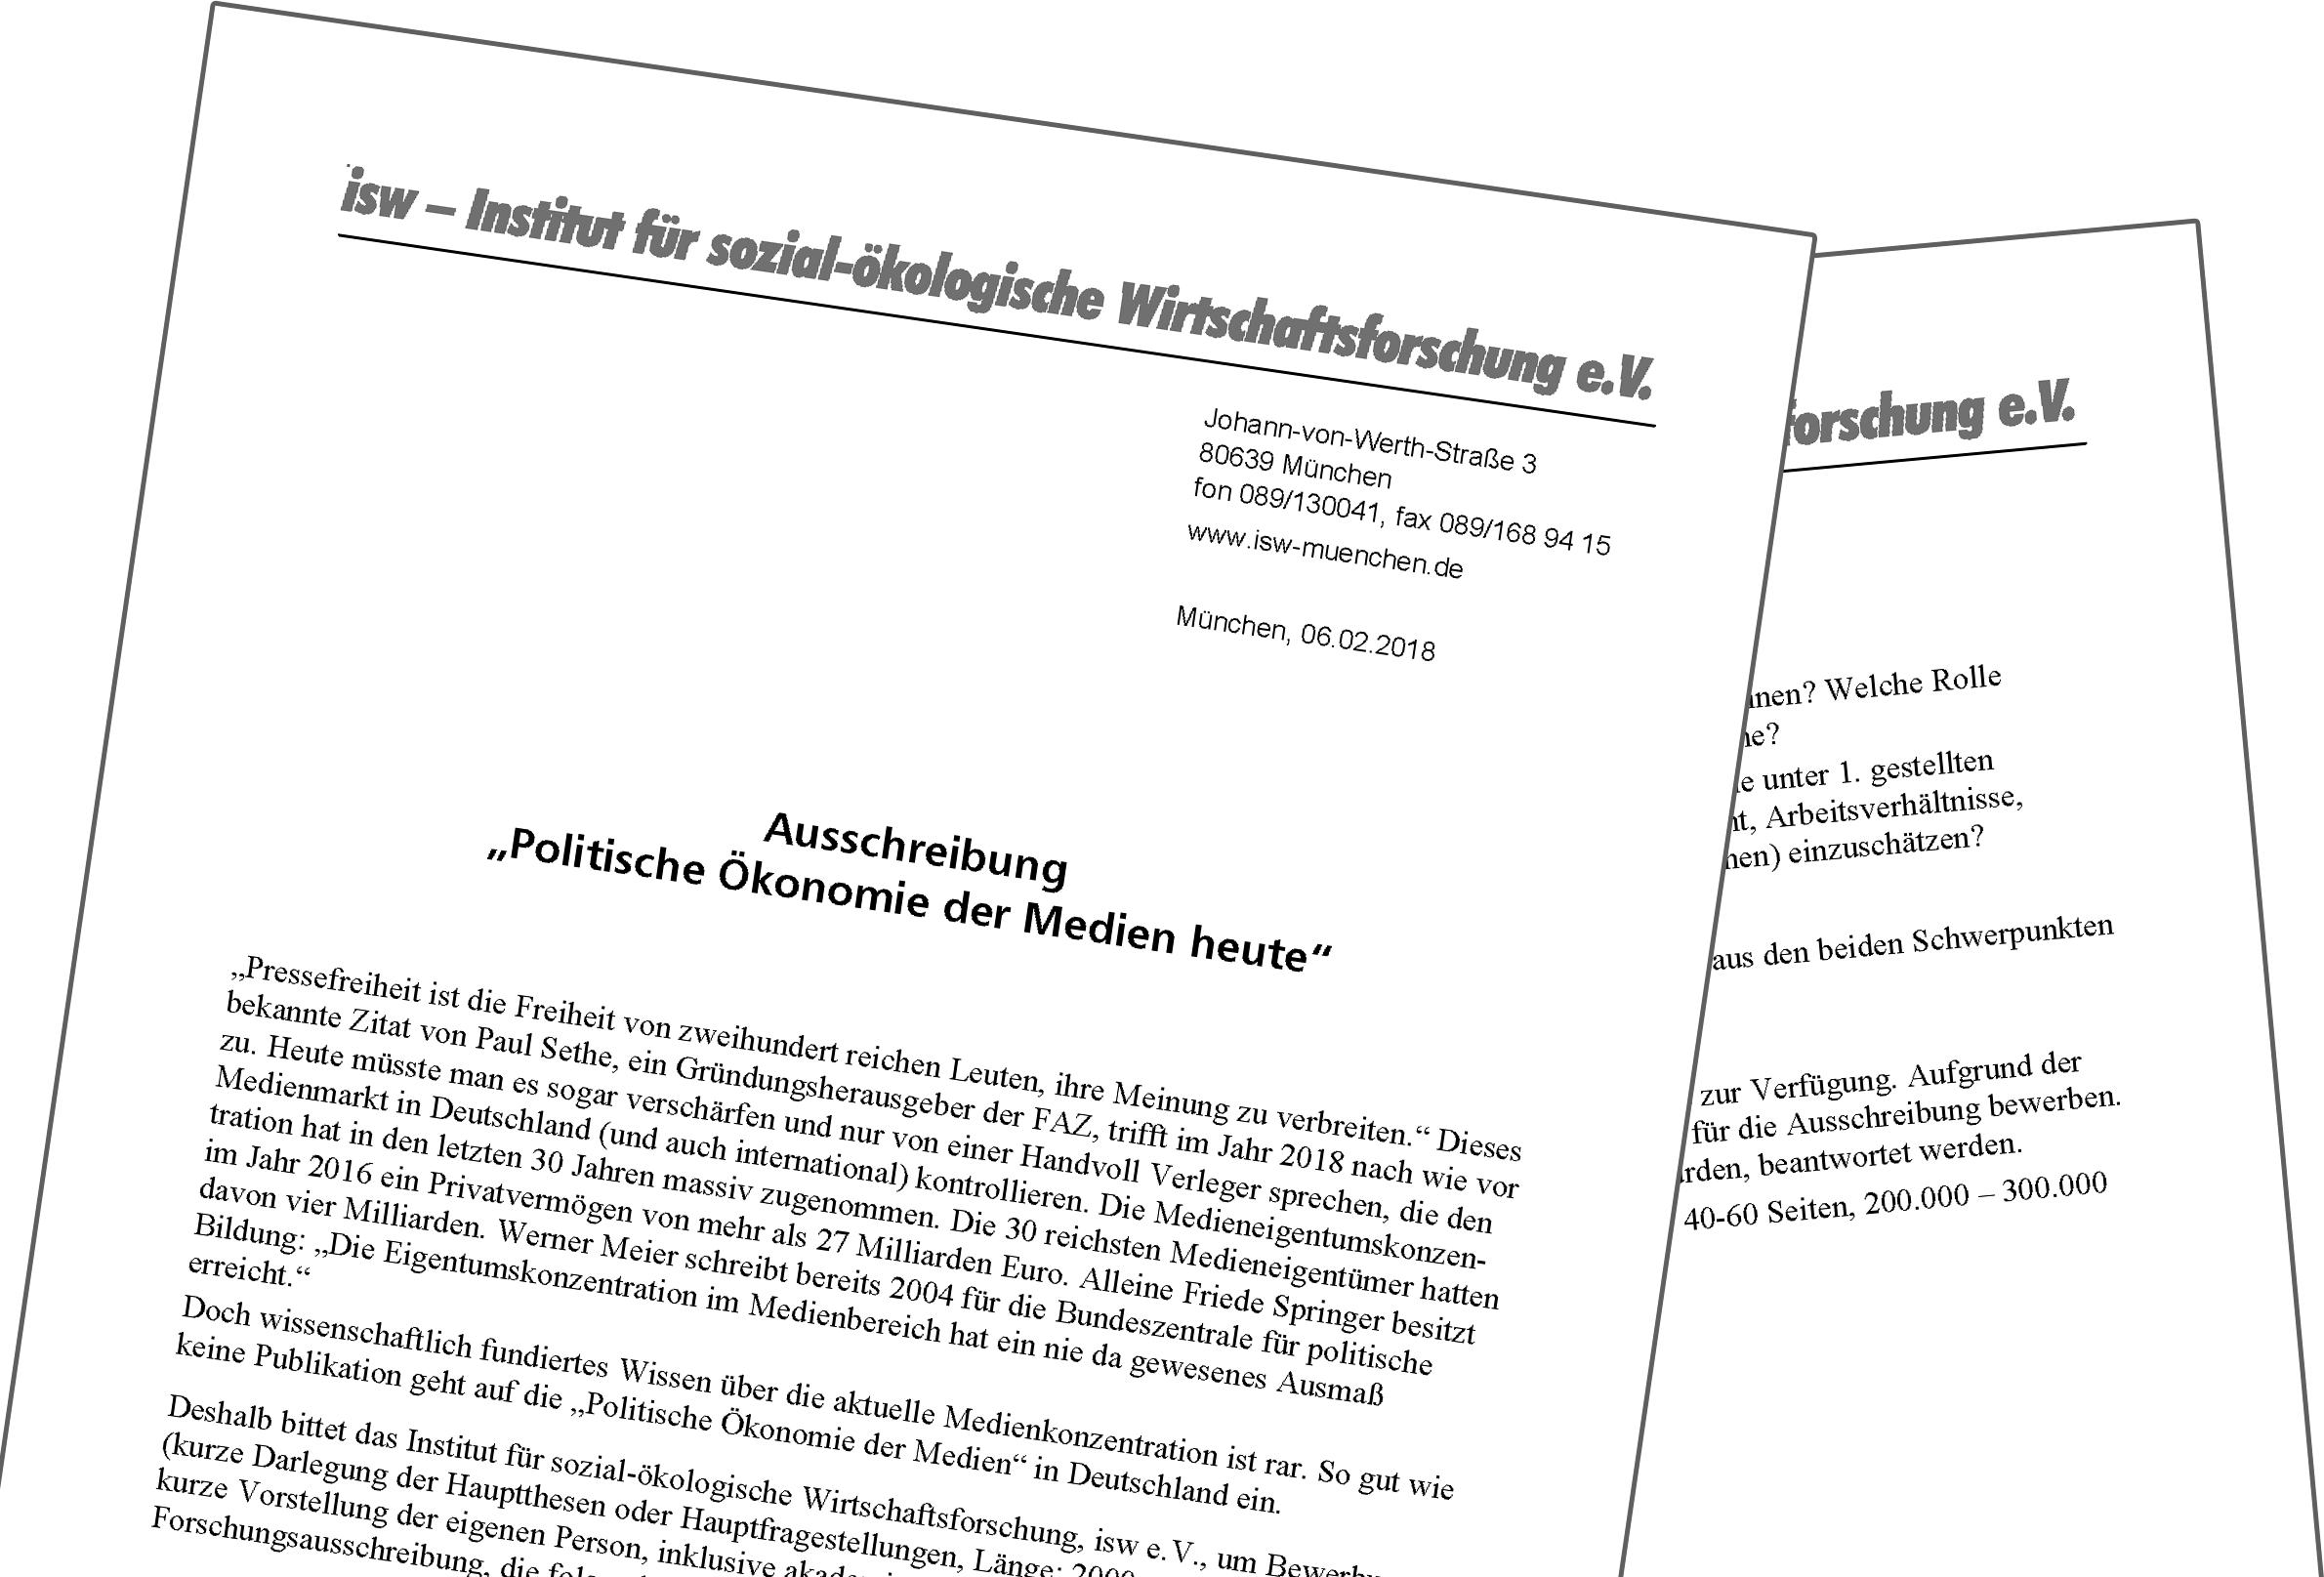 """Ausschreibung: """"Politische Ökonomie der Medien heute"""""""